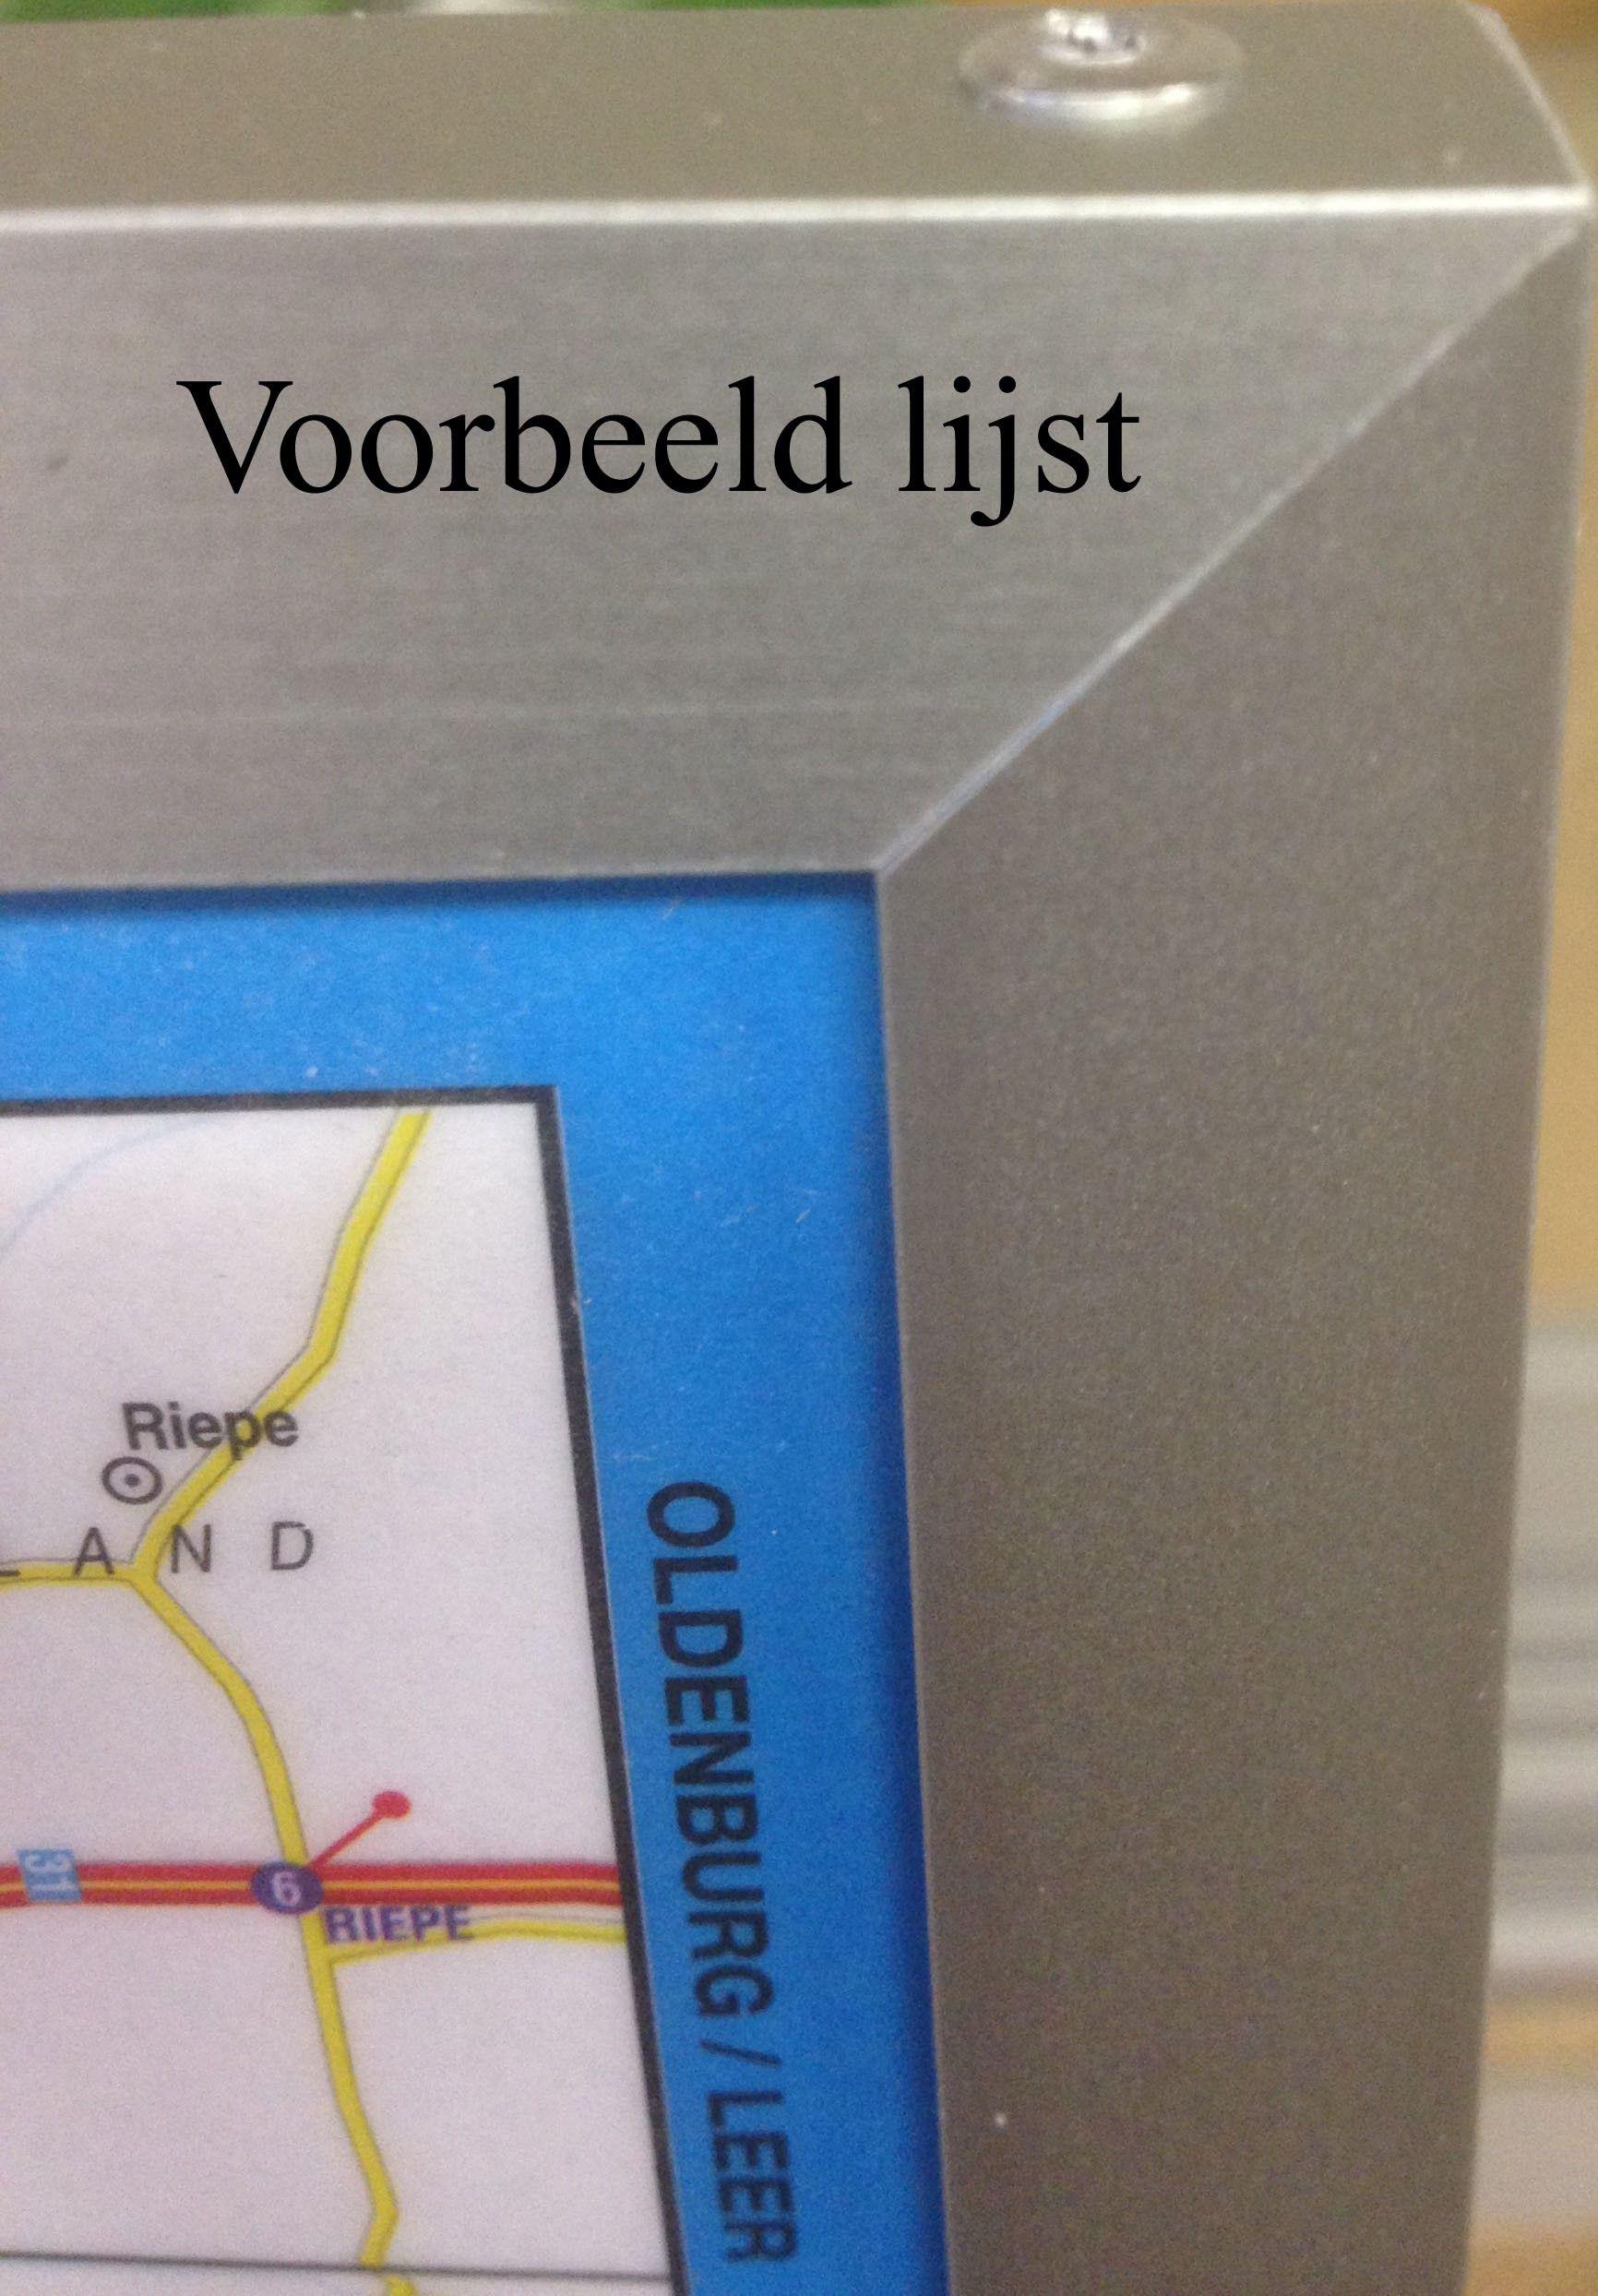 Provincie kaart Groningen